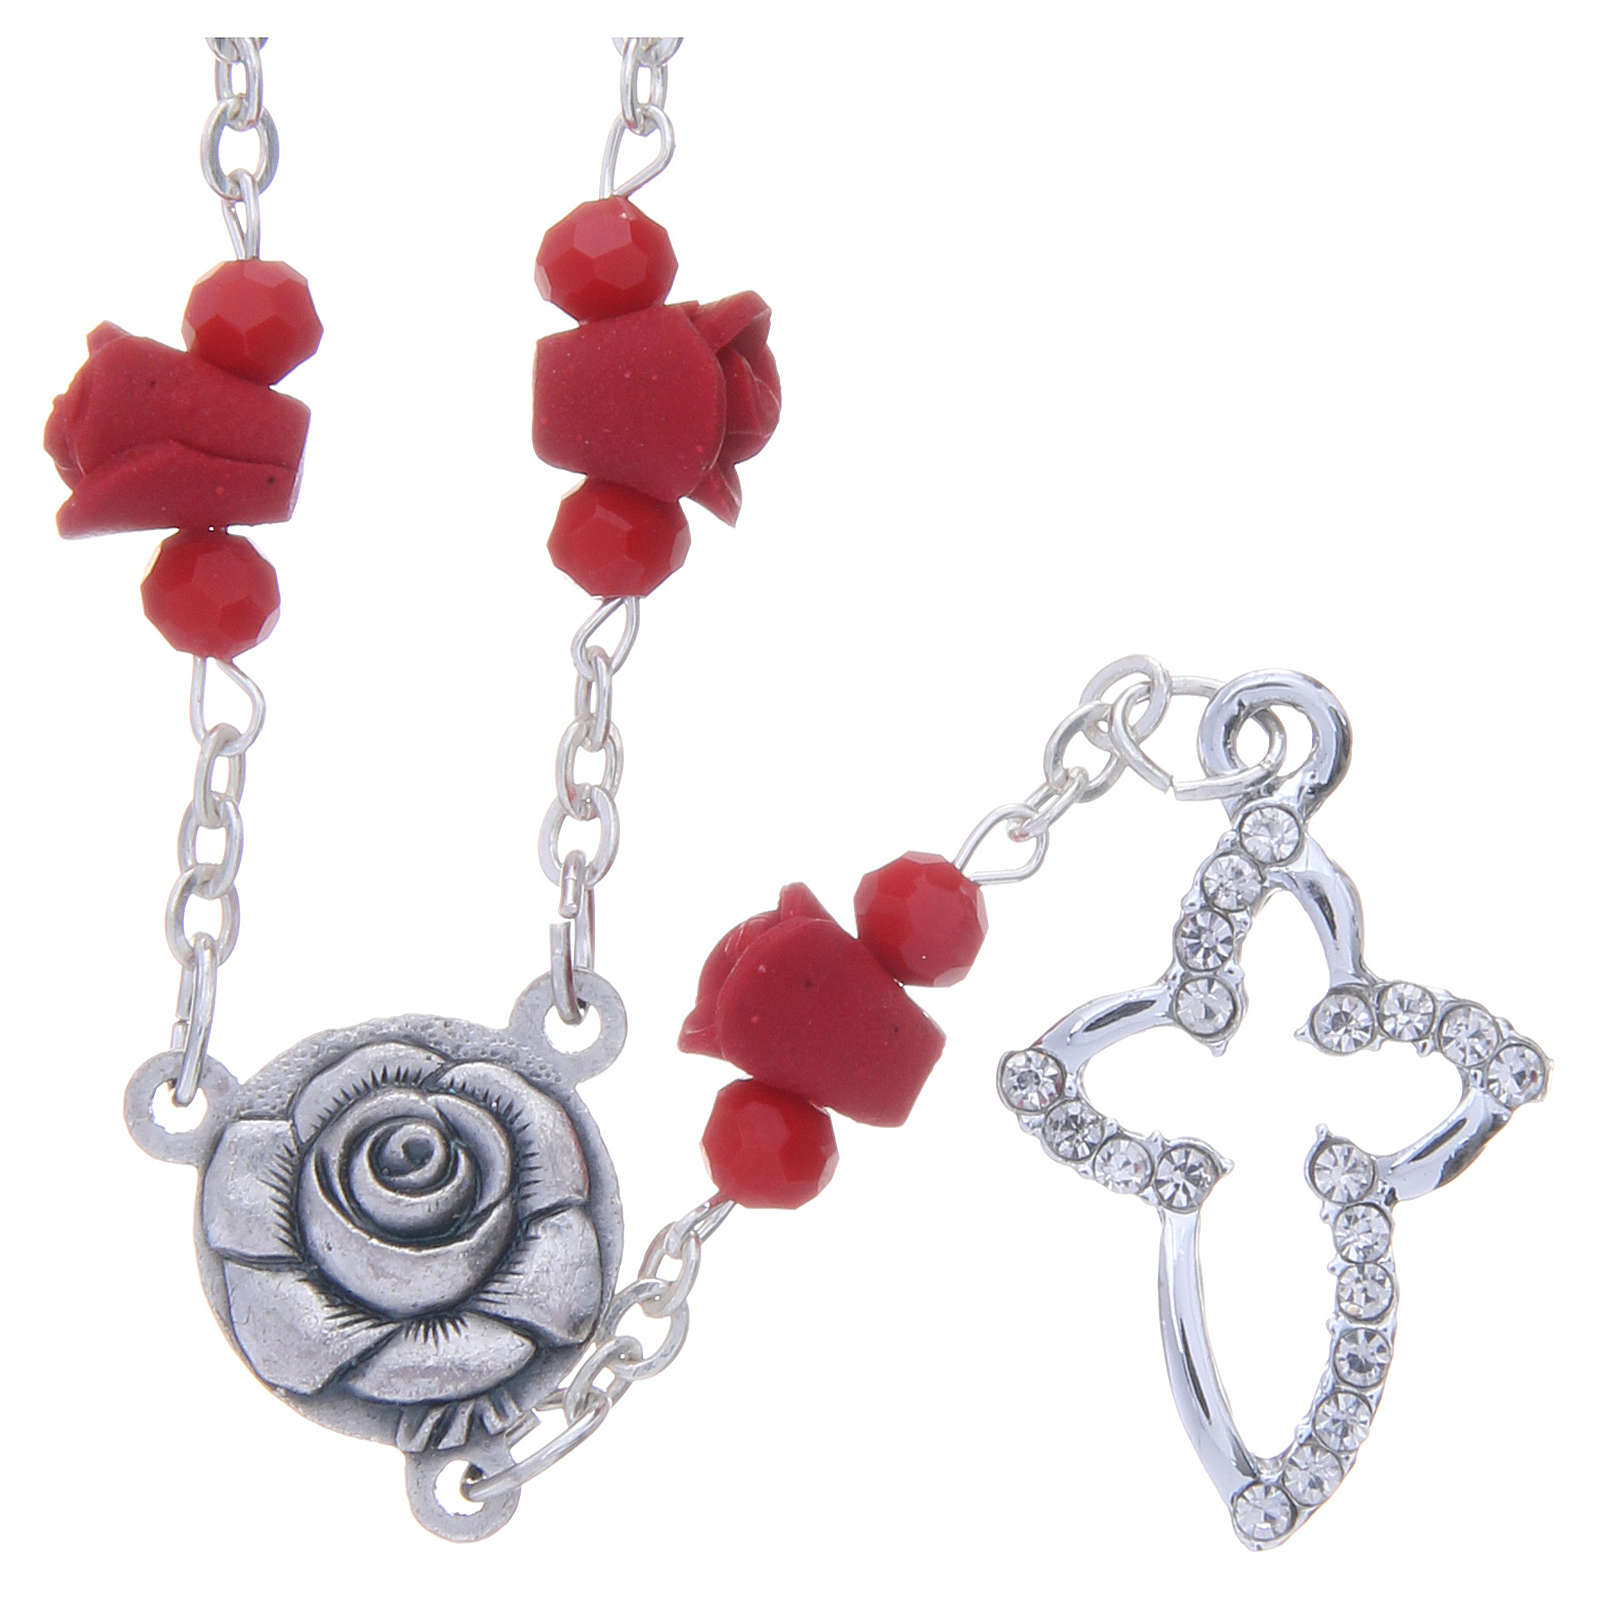 Collar rosario Medjugorje rojo rosas cerámica cuentas cristal 4